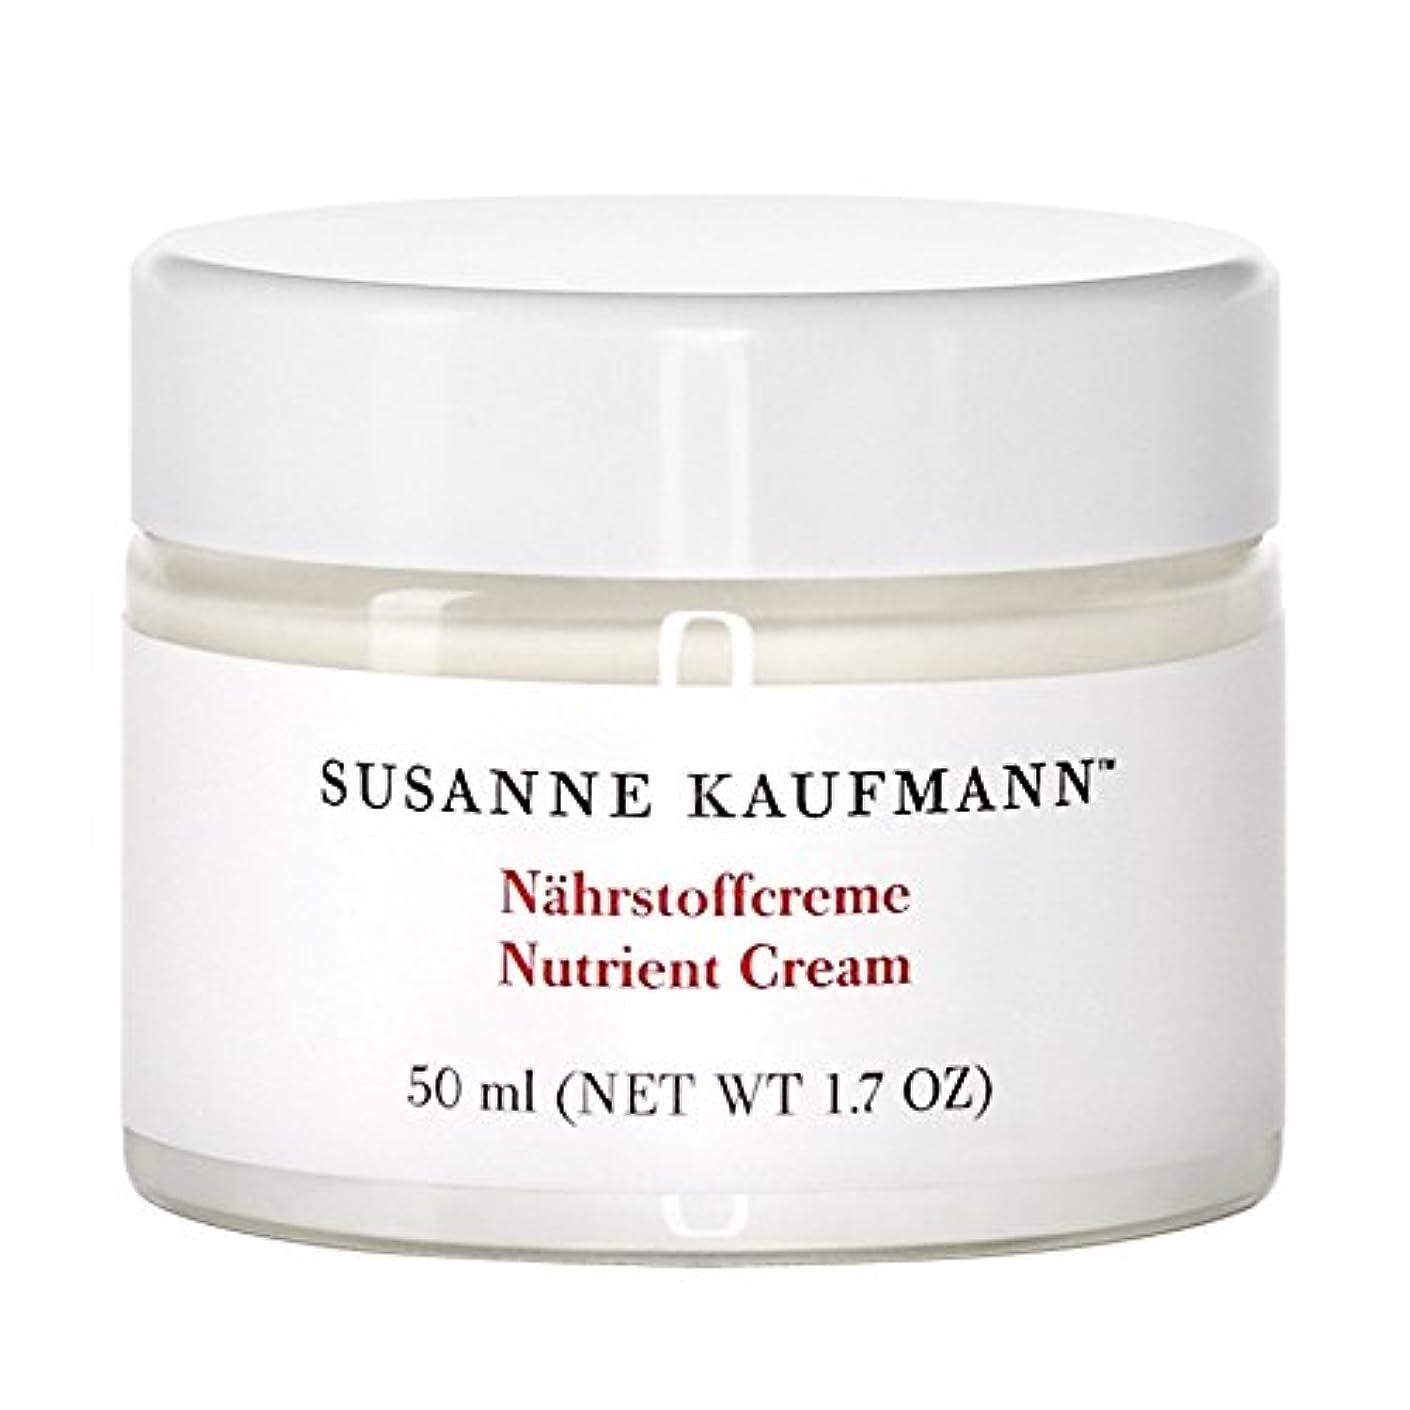 定期的な合併症脇にSusanne Kaufmann Nutrient Cream 50ml - スザンヌカウフマン栄養クリーム50 [並行輸入品]